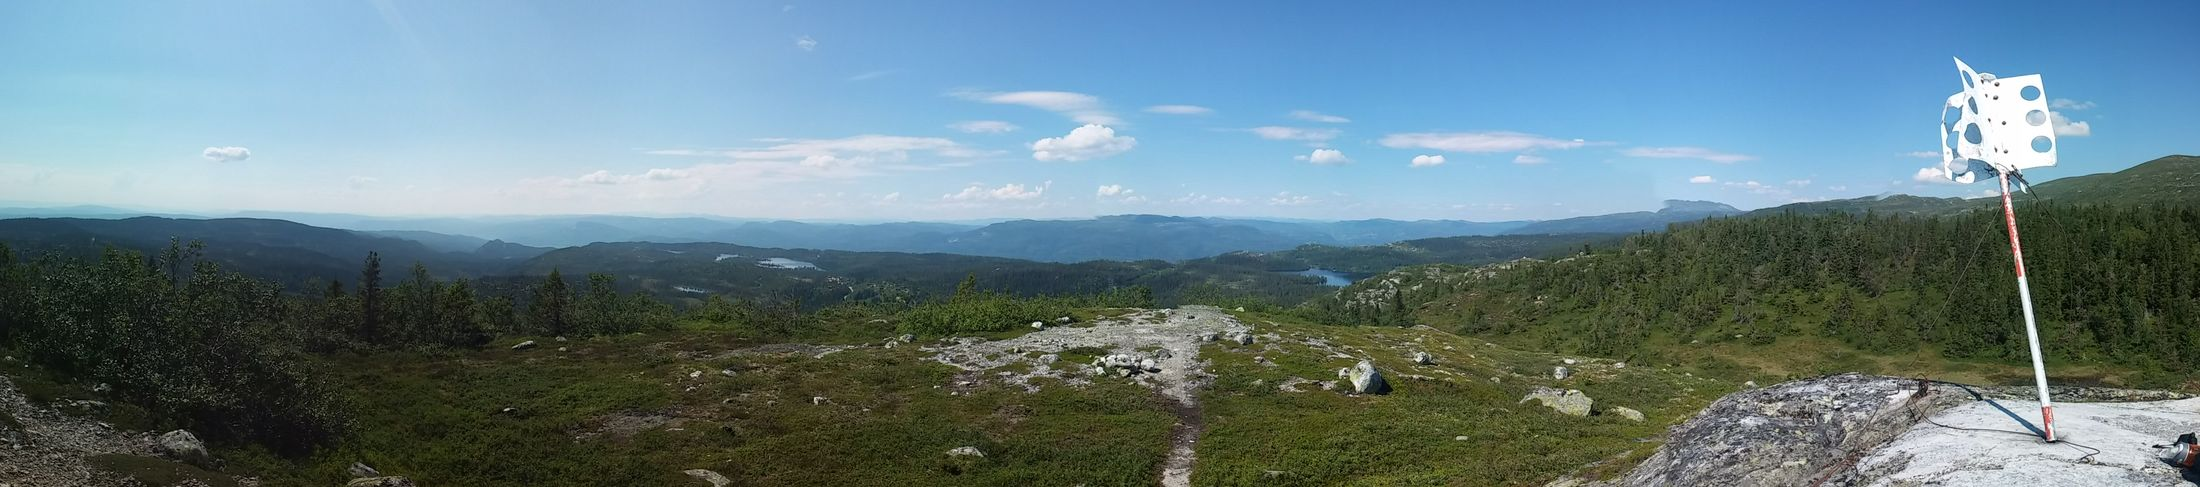 Mountain View Sun Tan Norwegian Nature